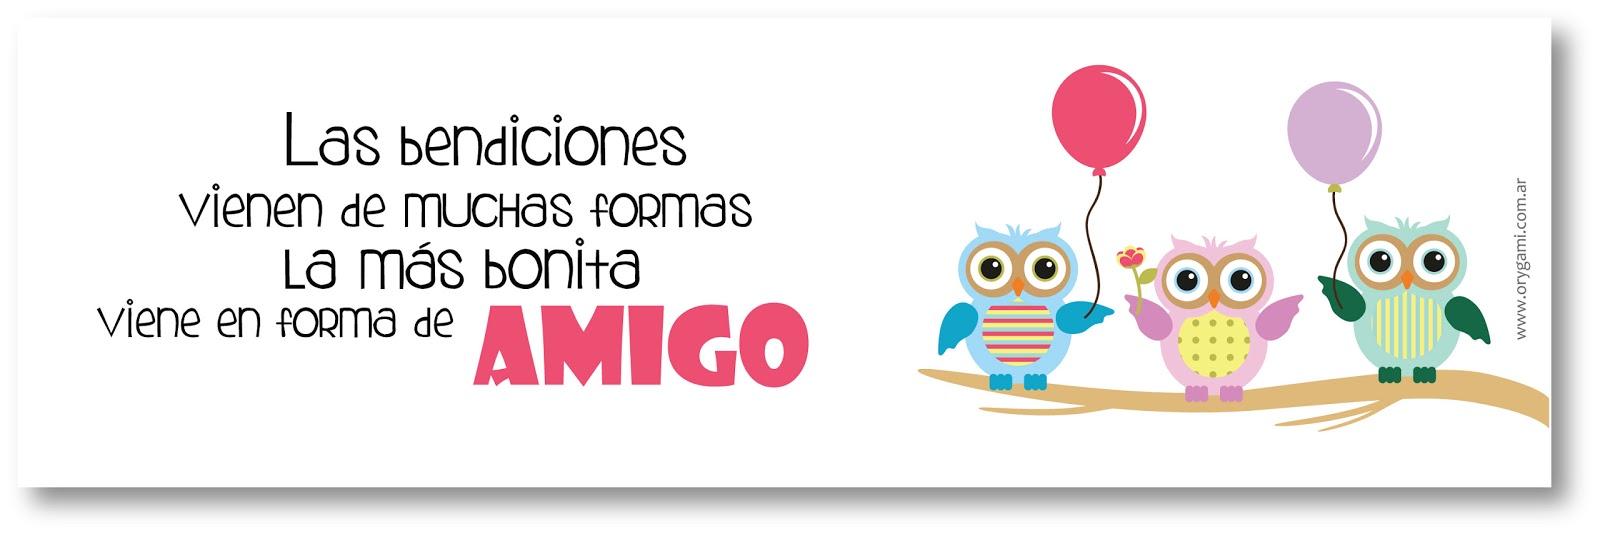 Bingo Show Dia De La Madre Viernes 11 De Mayo: Tarjetas De Invitacion Para Celebrar El Dia Delas Madres